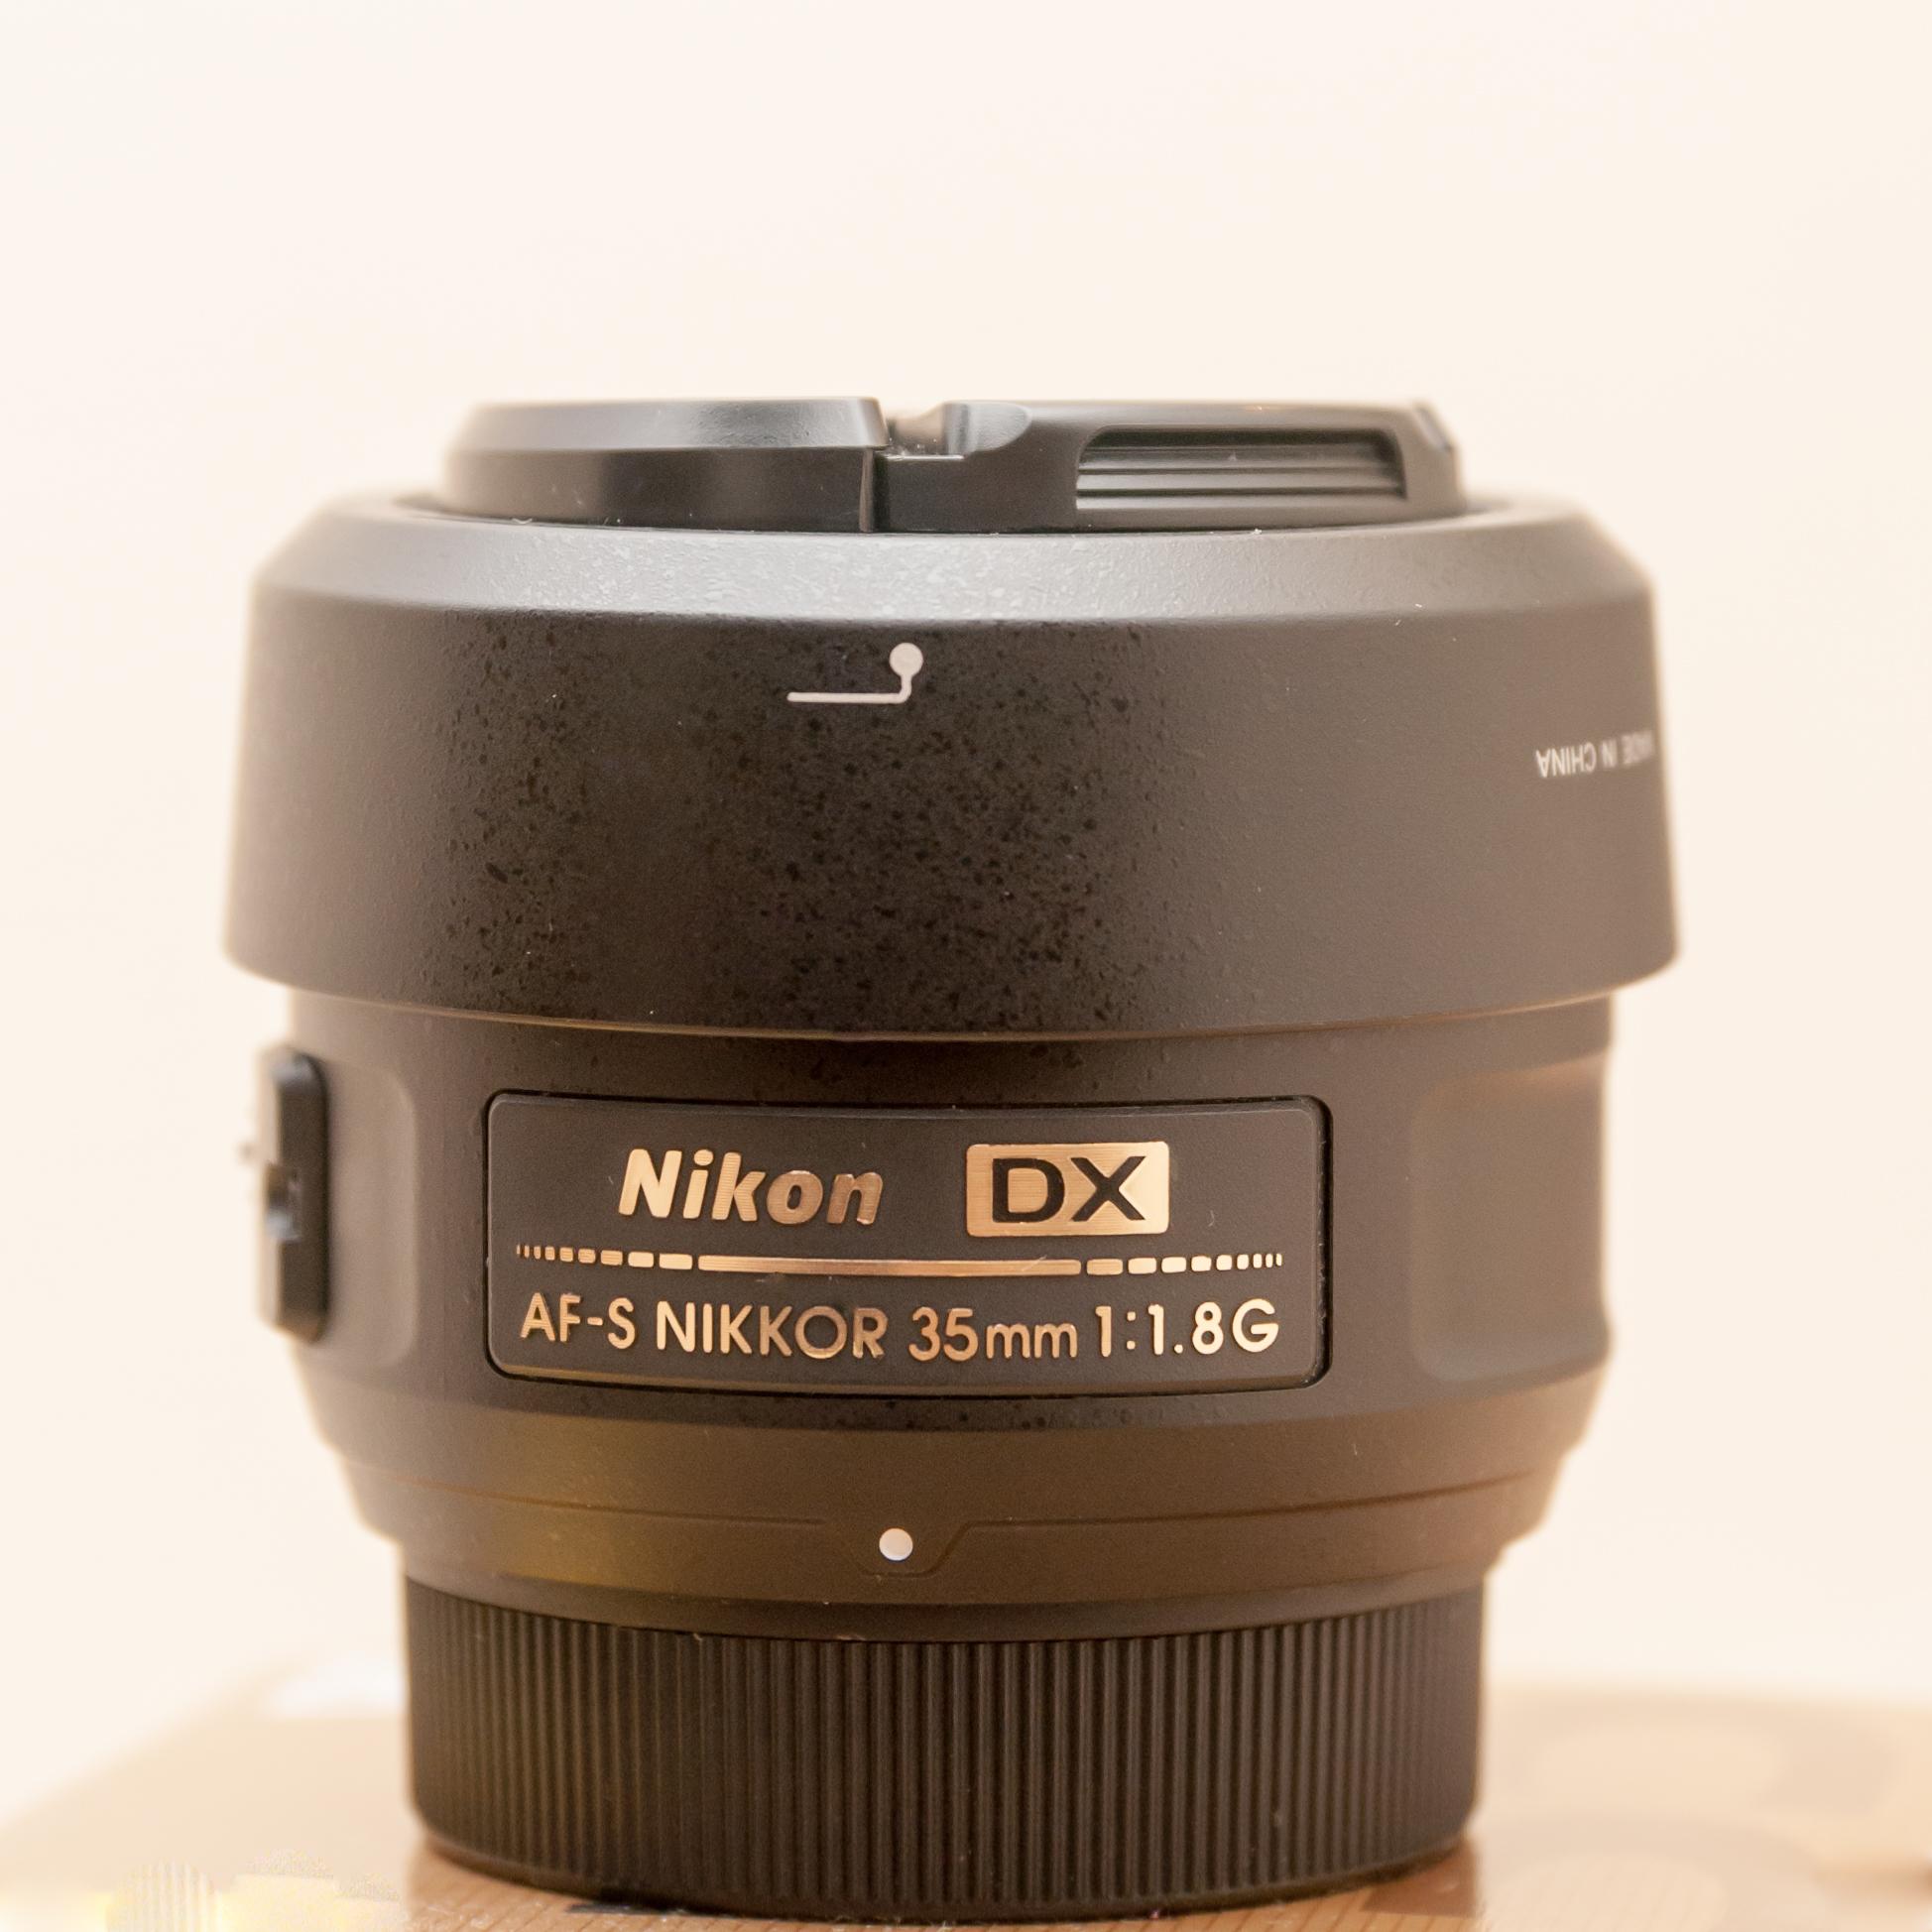 AF-S NIKKOR 35mm 1.8Gの画像